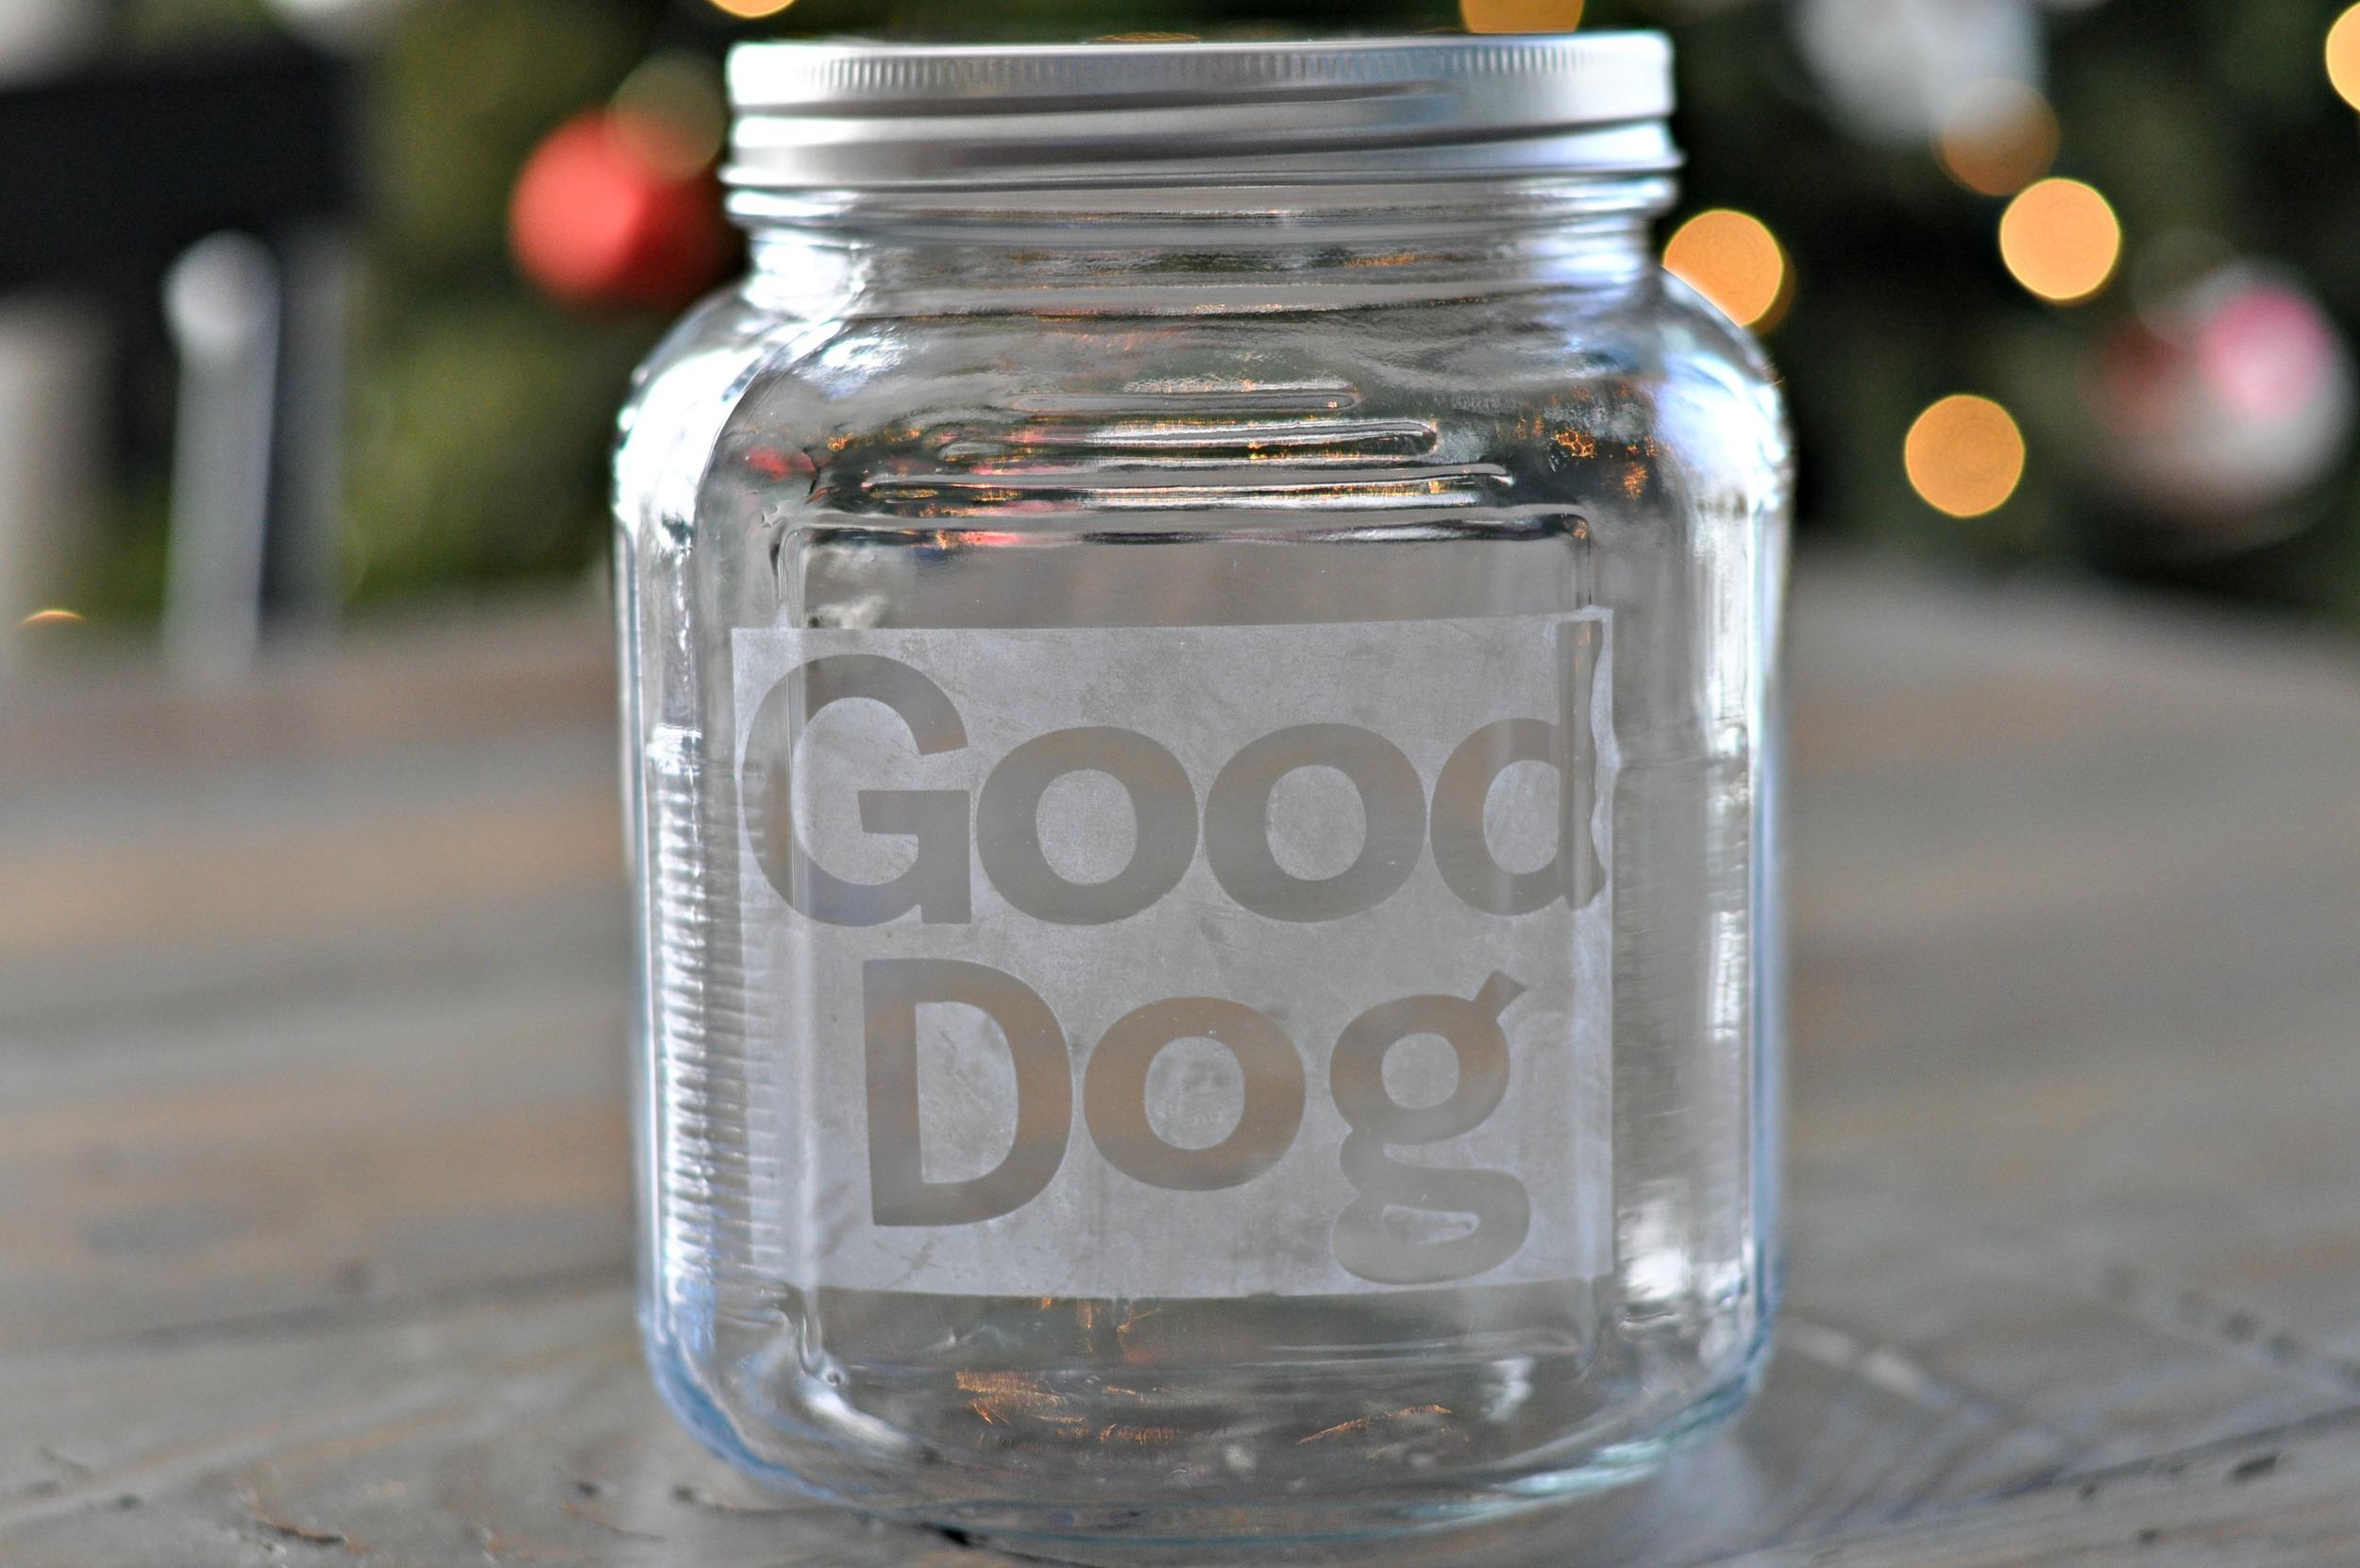 Good Dog Treat Jar 5.jpg